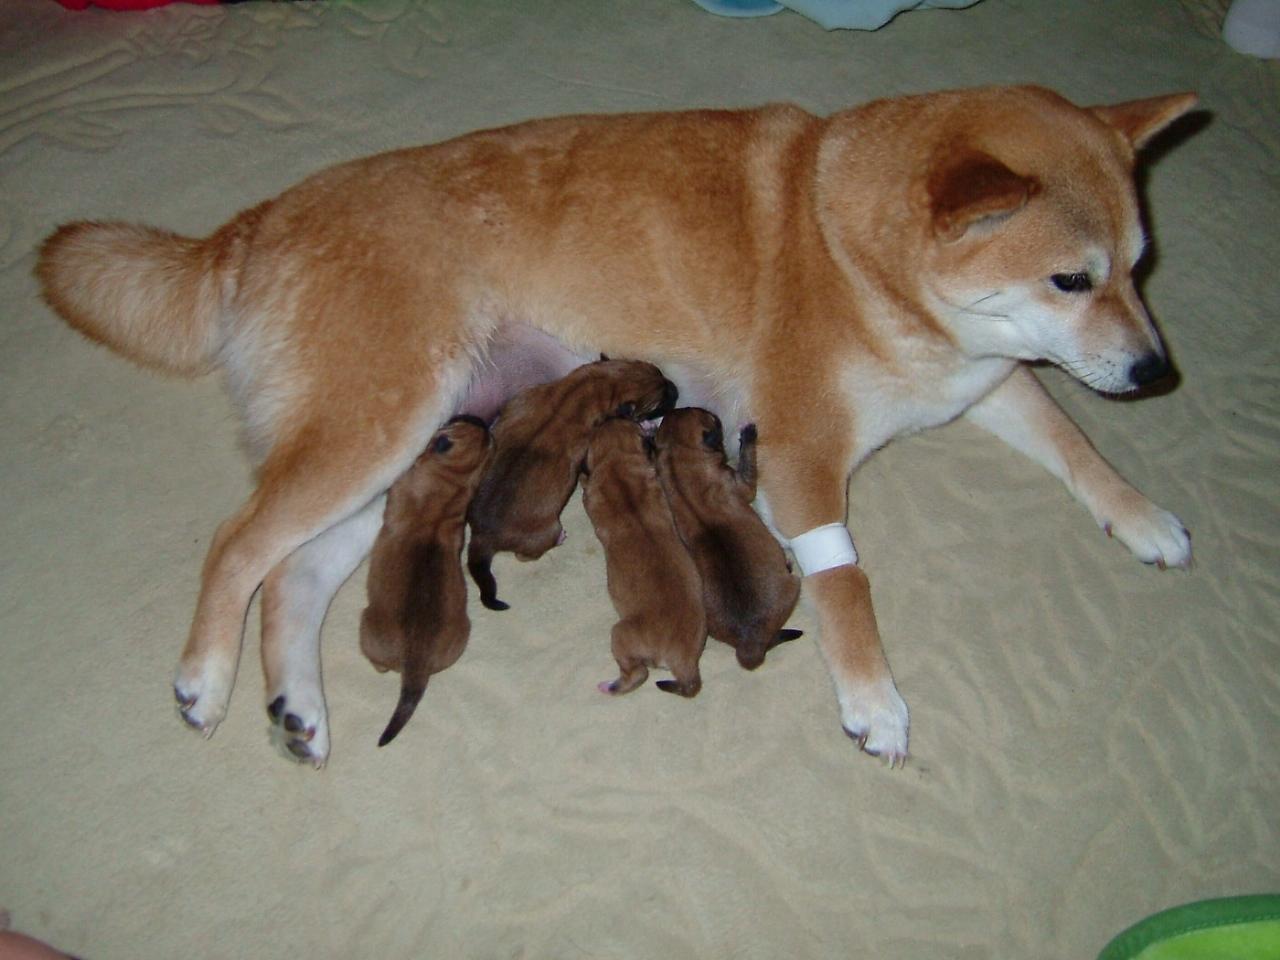 さつき・出産 柴犬(さつき)が朝8時過ぎ、やっと出産。 帝王切開での、出産。いやー、ホ... 映